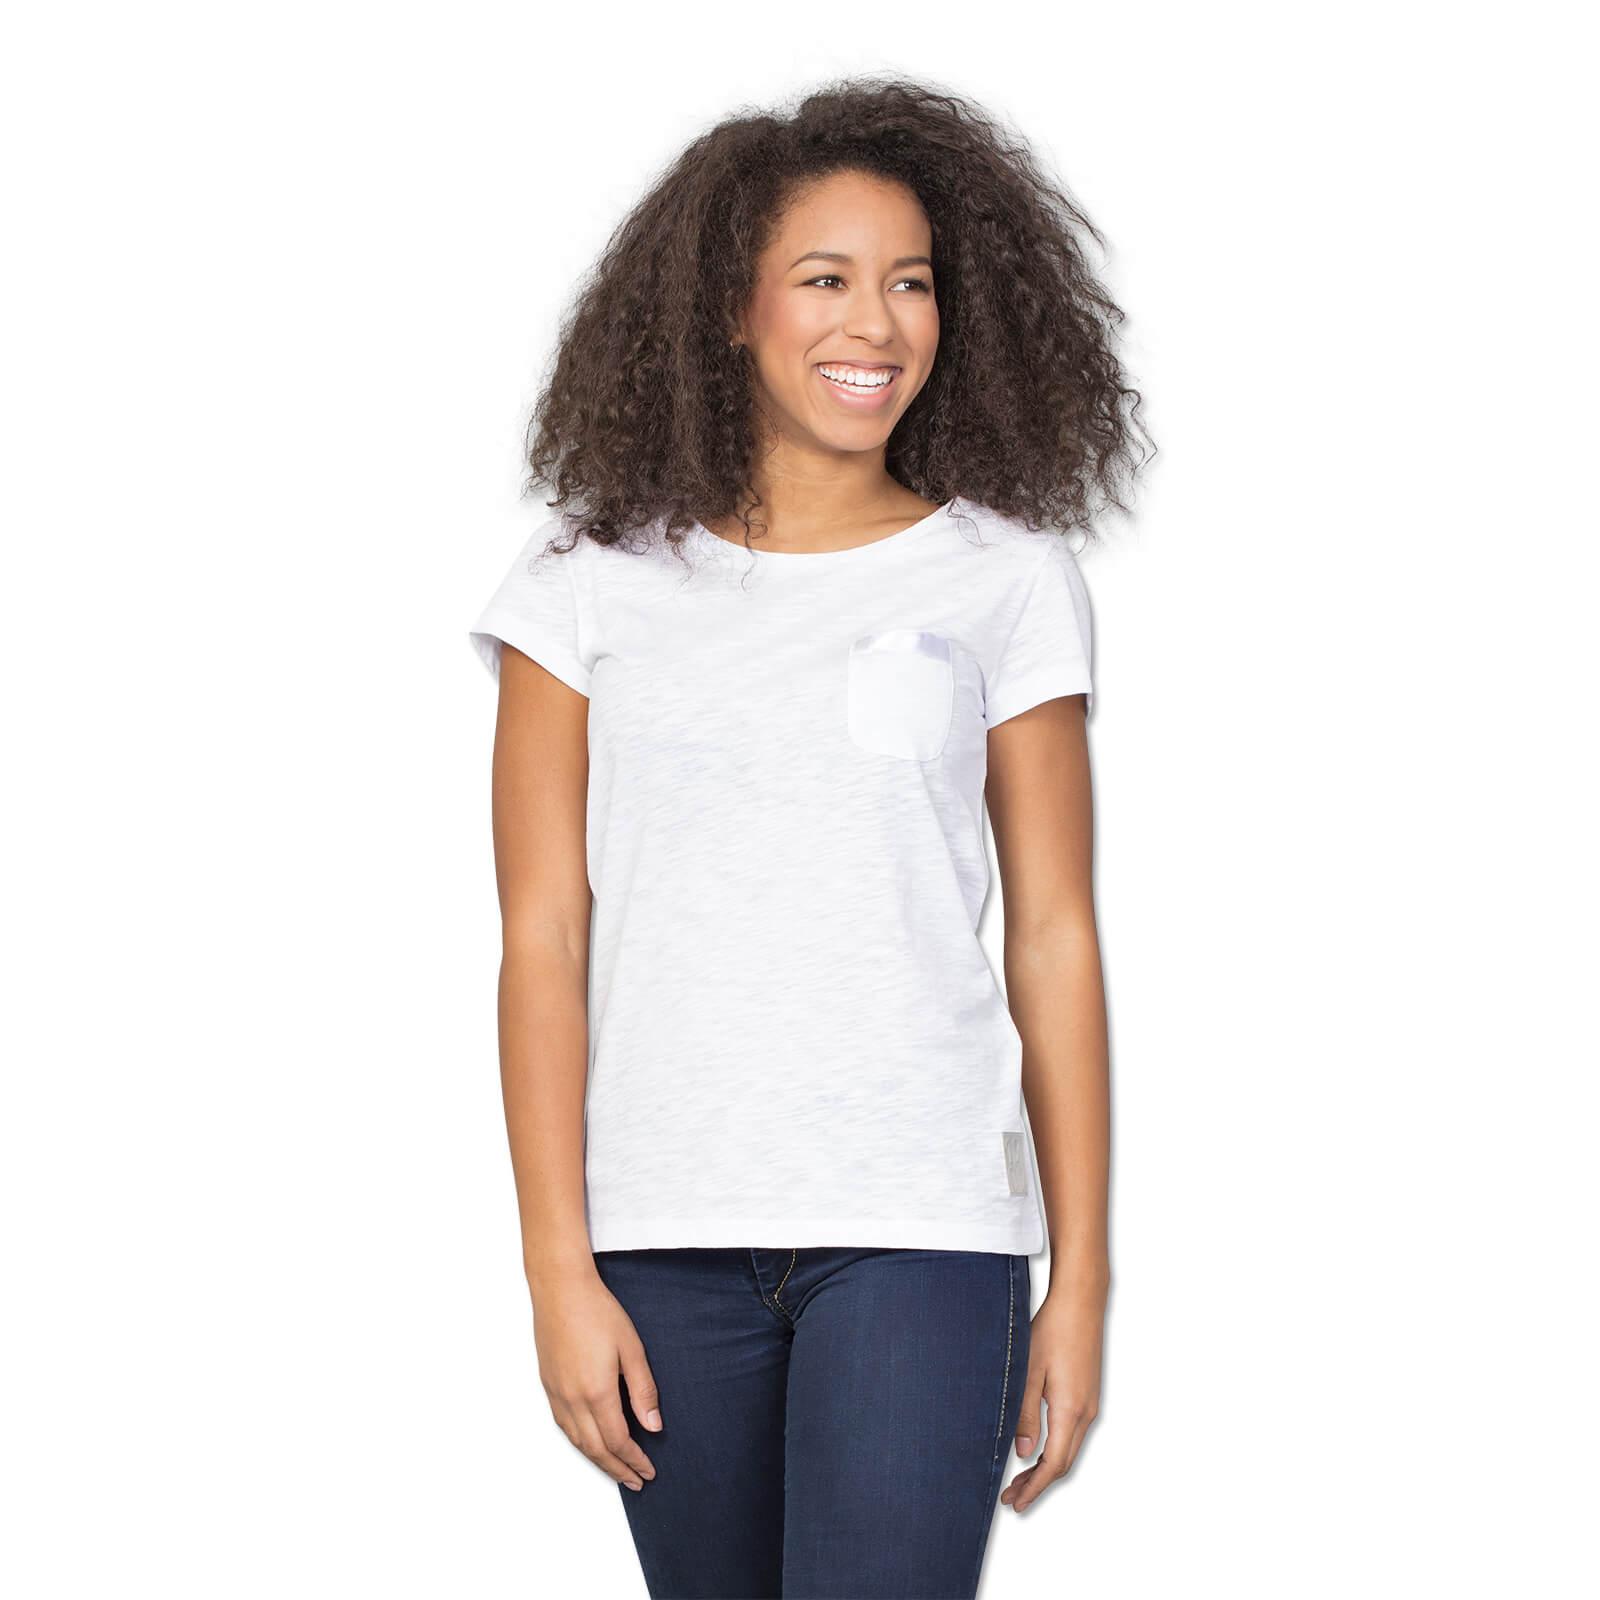 1909 t shirt wei f r frauen trikots shirts damen offizieller bvb online fanshop. Black Bedroom Furniture Sets. Home Design Ideas